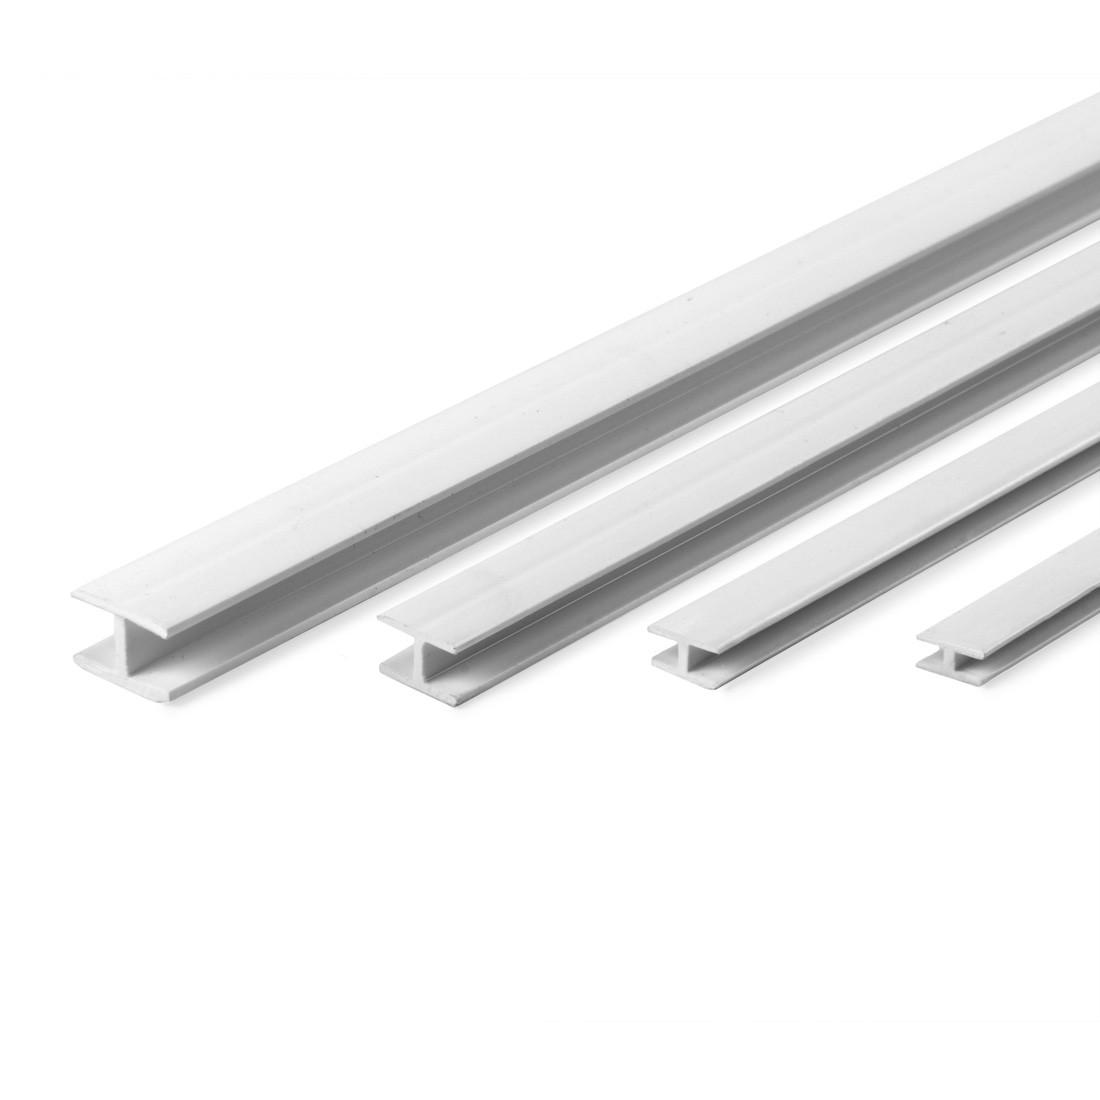 Profile ASA connecteur plat mm.4x1000